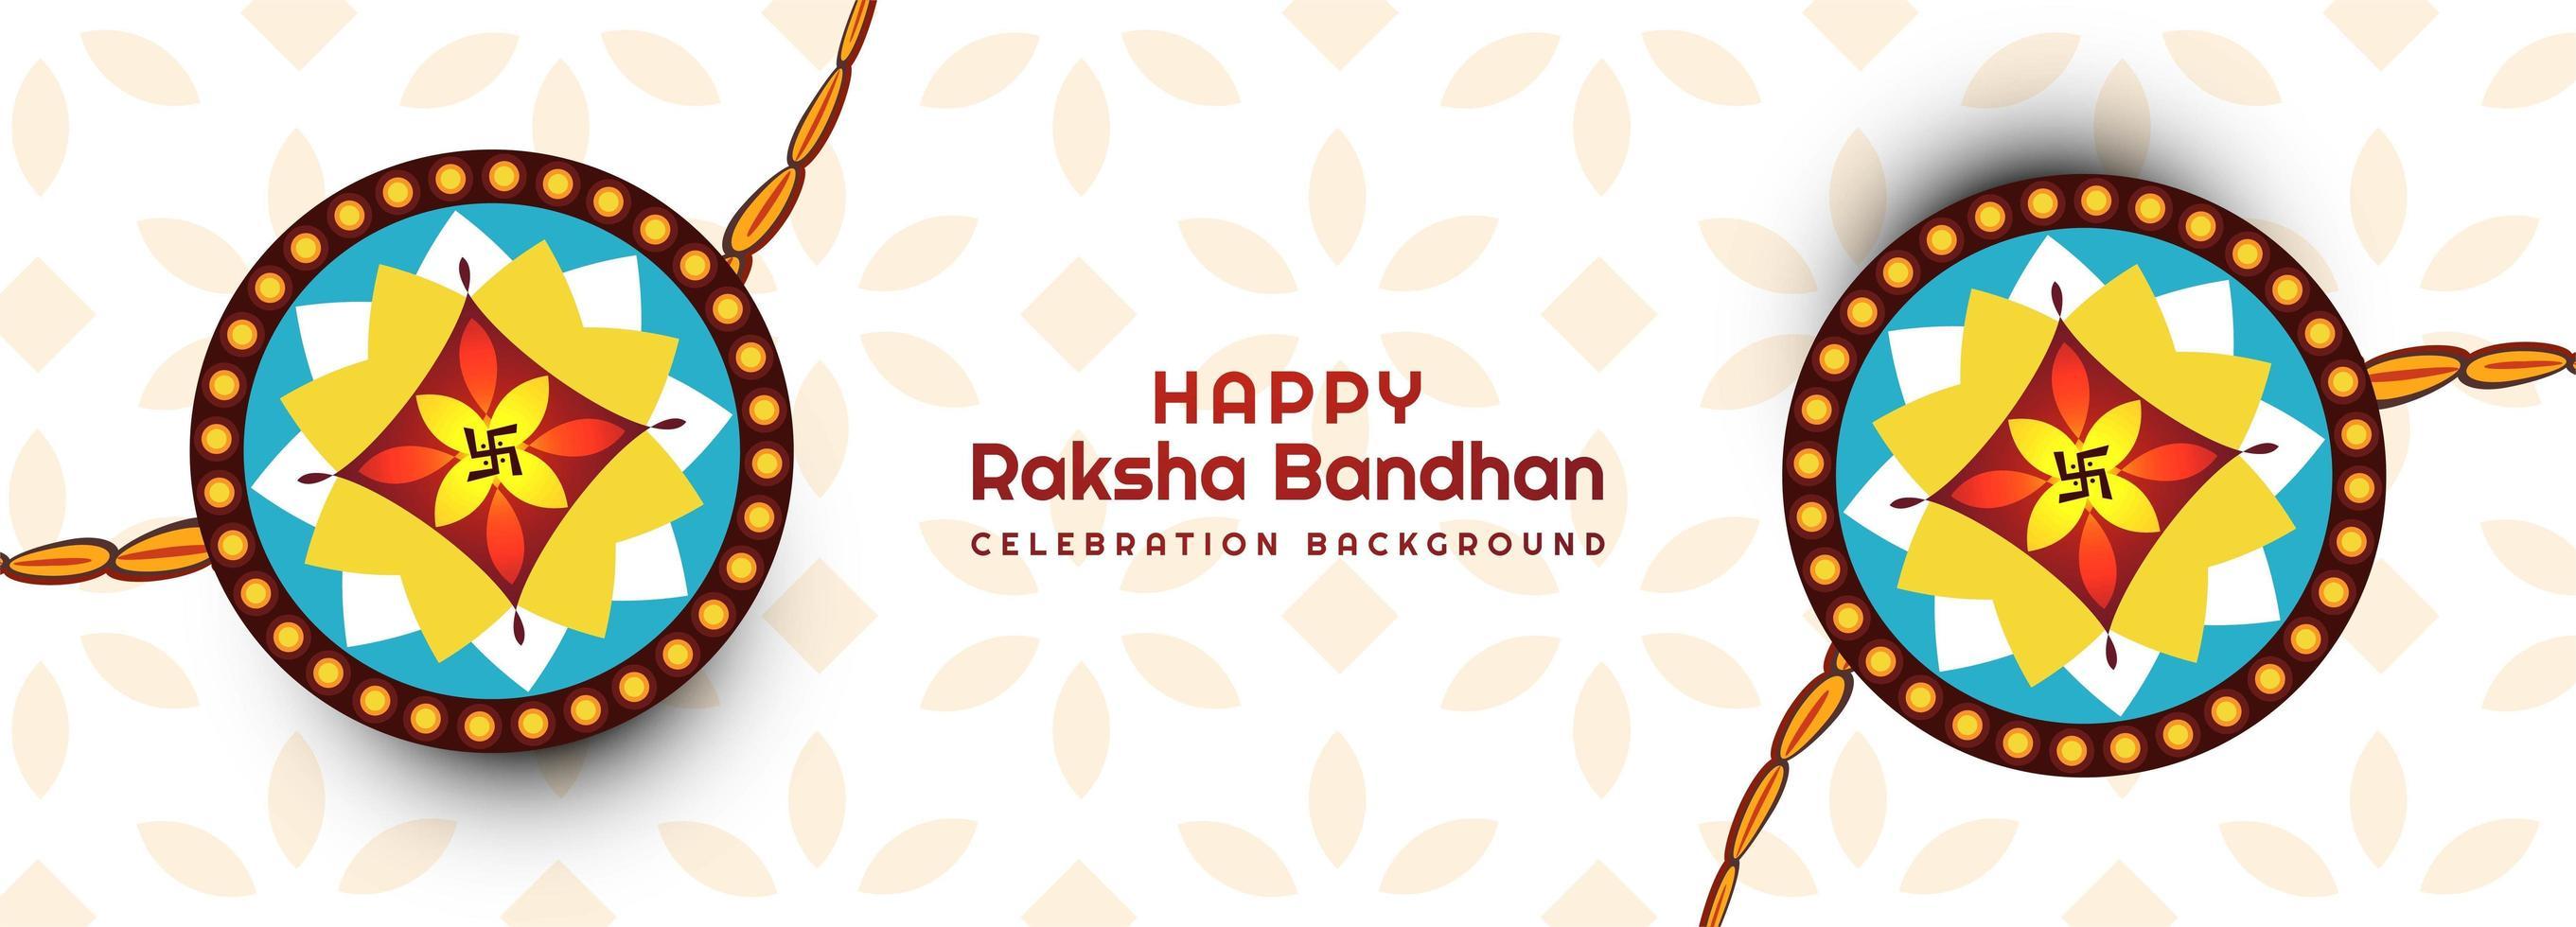 rakhi decorado para banner raksha bandhan vetor